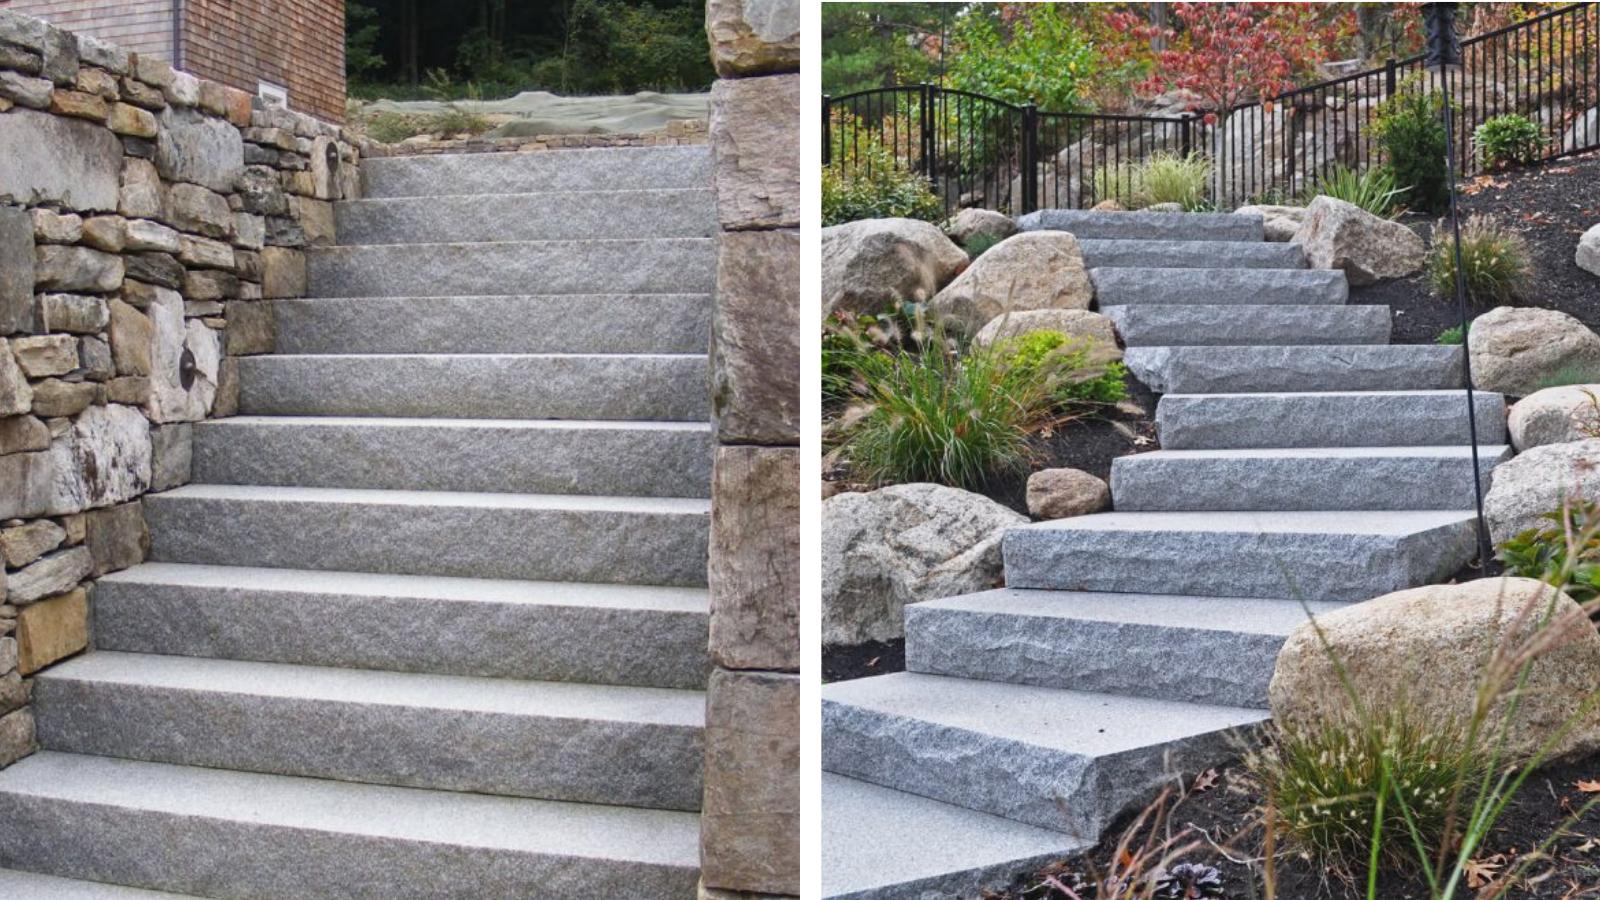 Swenson Granite Works split face steps and rock face steps